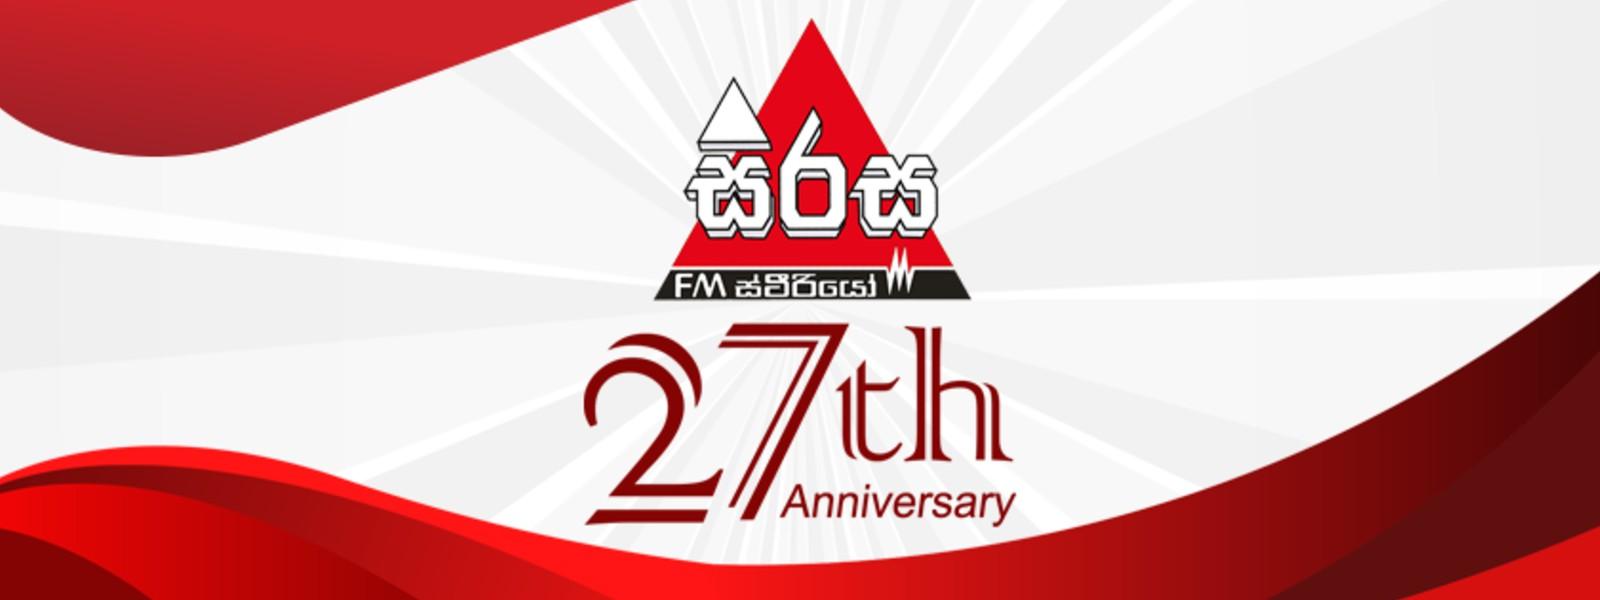 නූතන ගුවන් විදුලි කලාවේ මහ ගෙදර, සිරස FM අභිමානවත් 27 වන සංවත්සරය සමරයි..